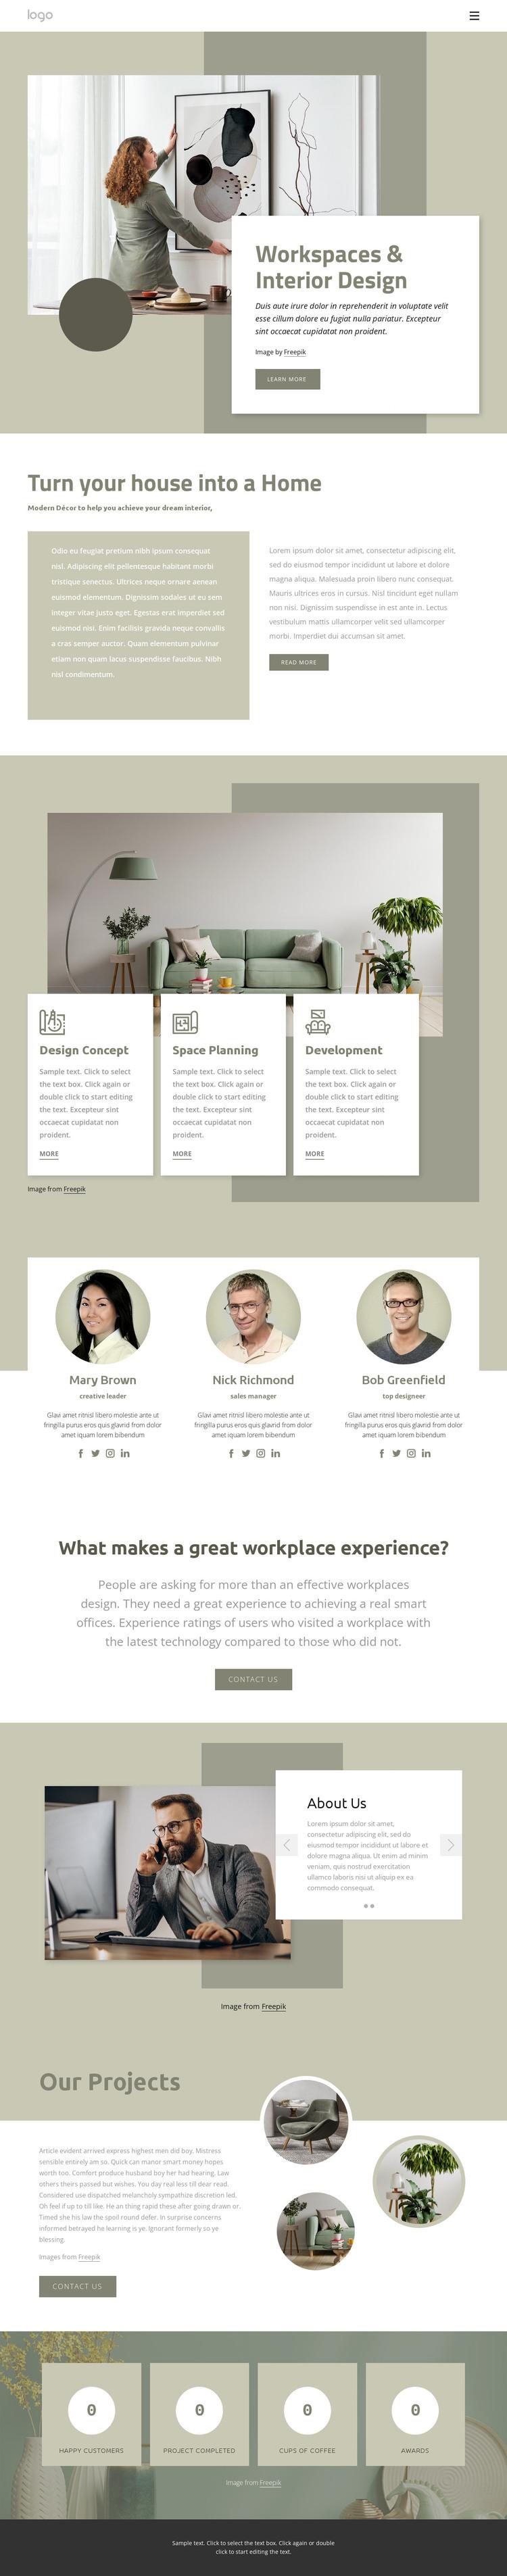 Workspaces and interior design Web Design